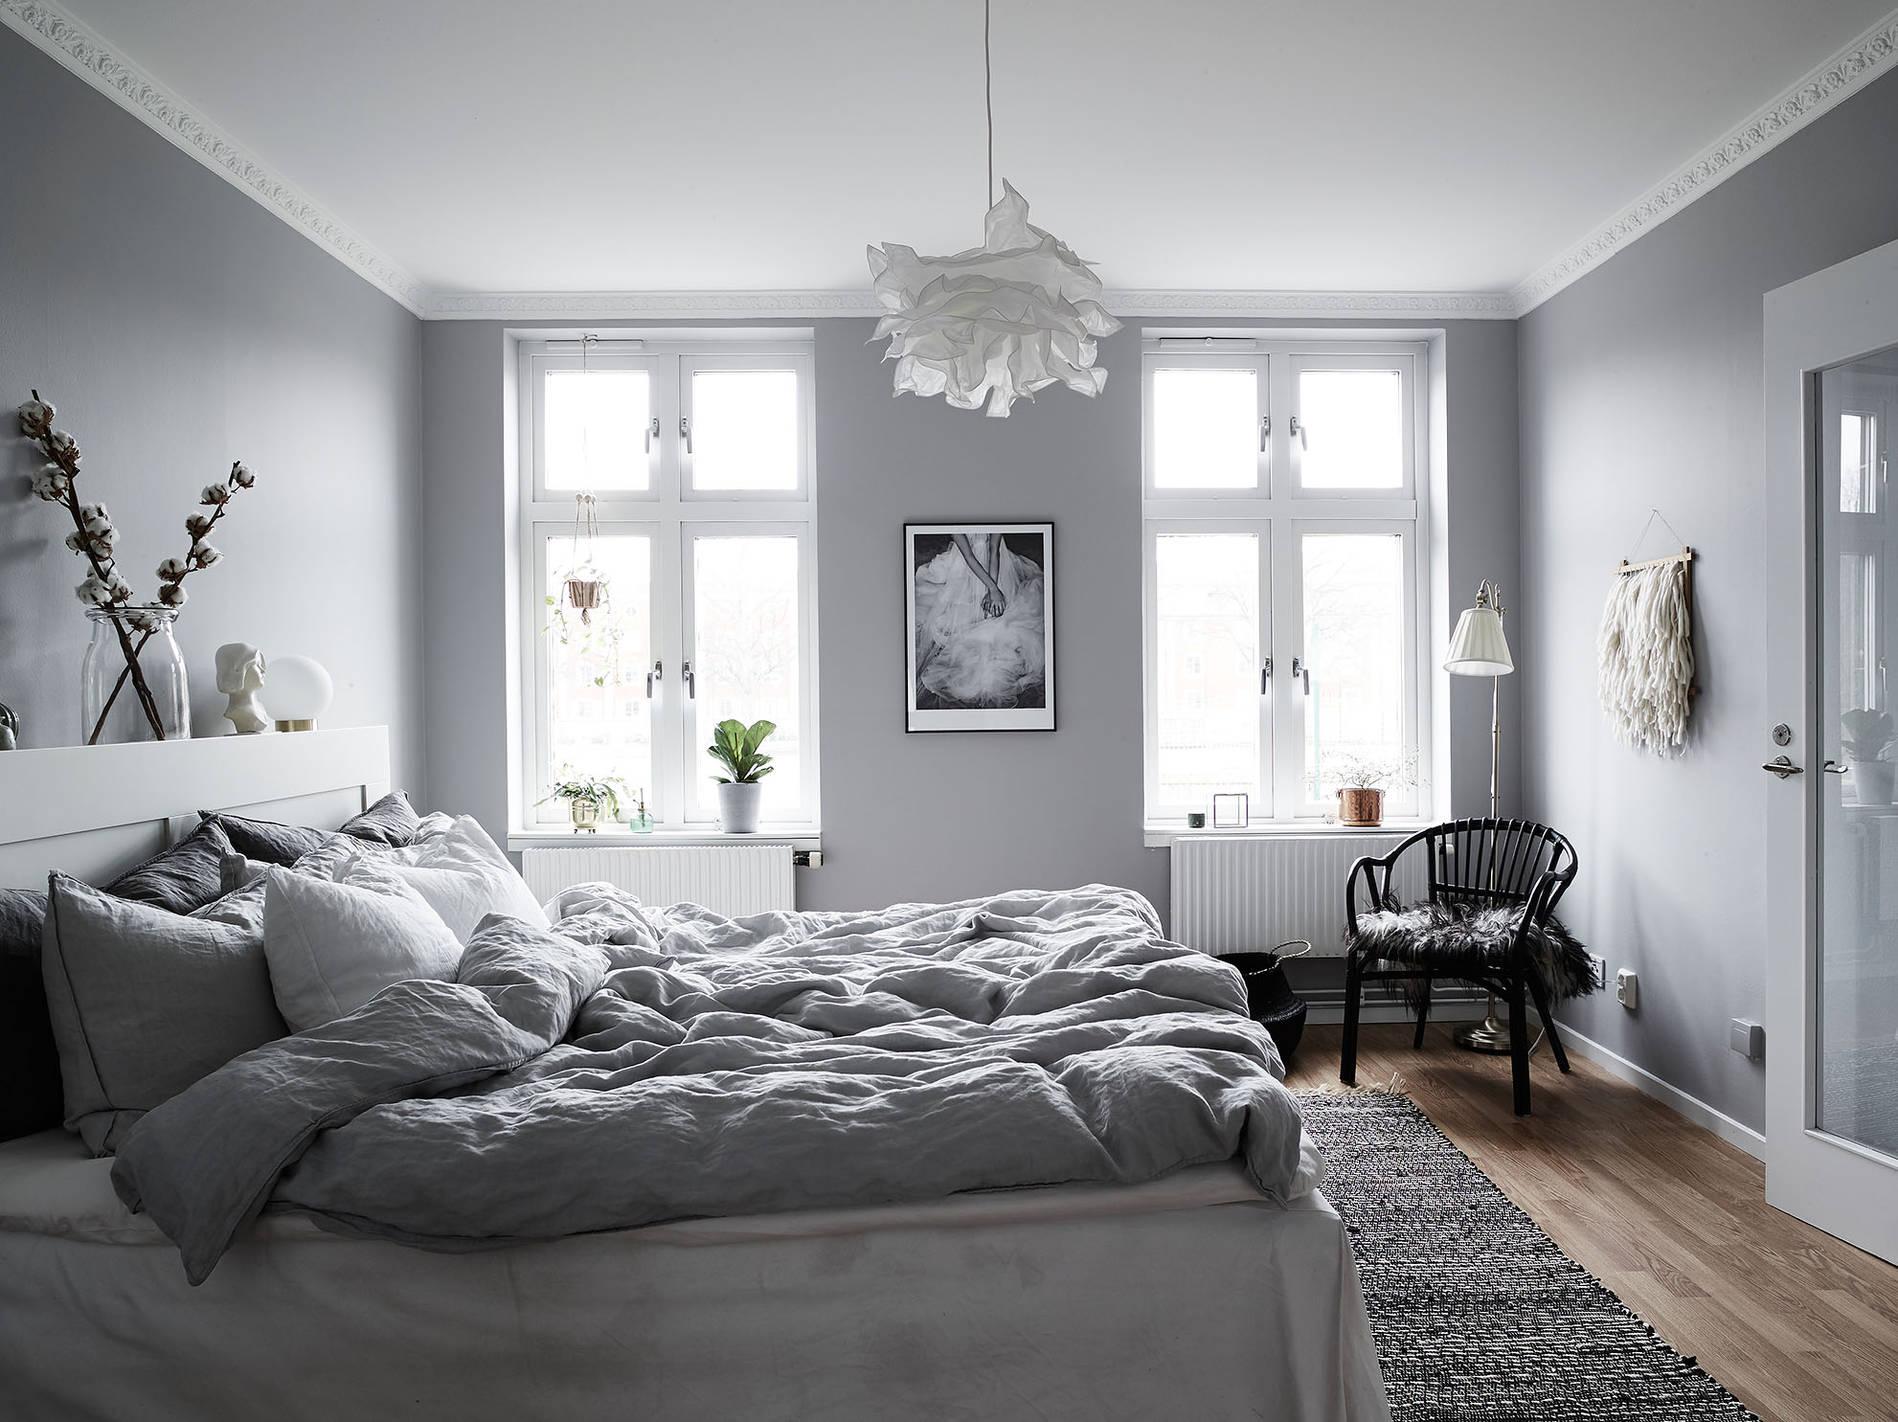 dormitorio-de-estilo-nordico-VII-1